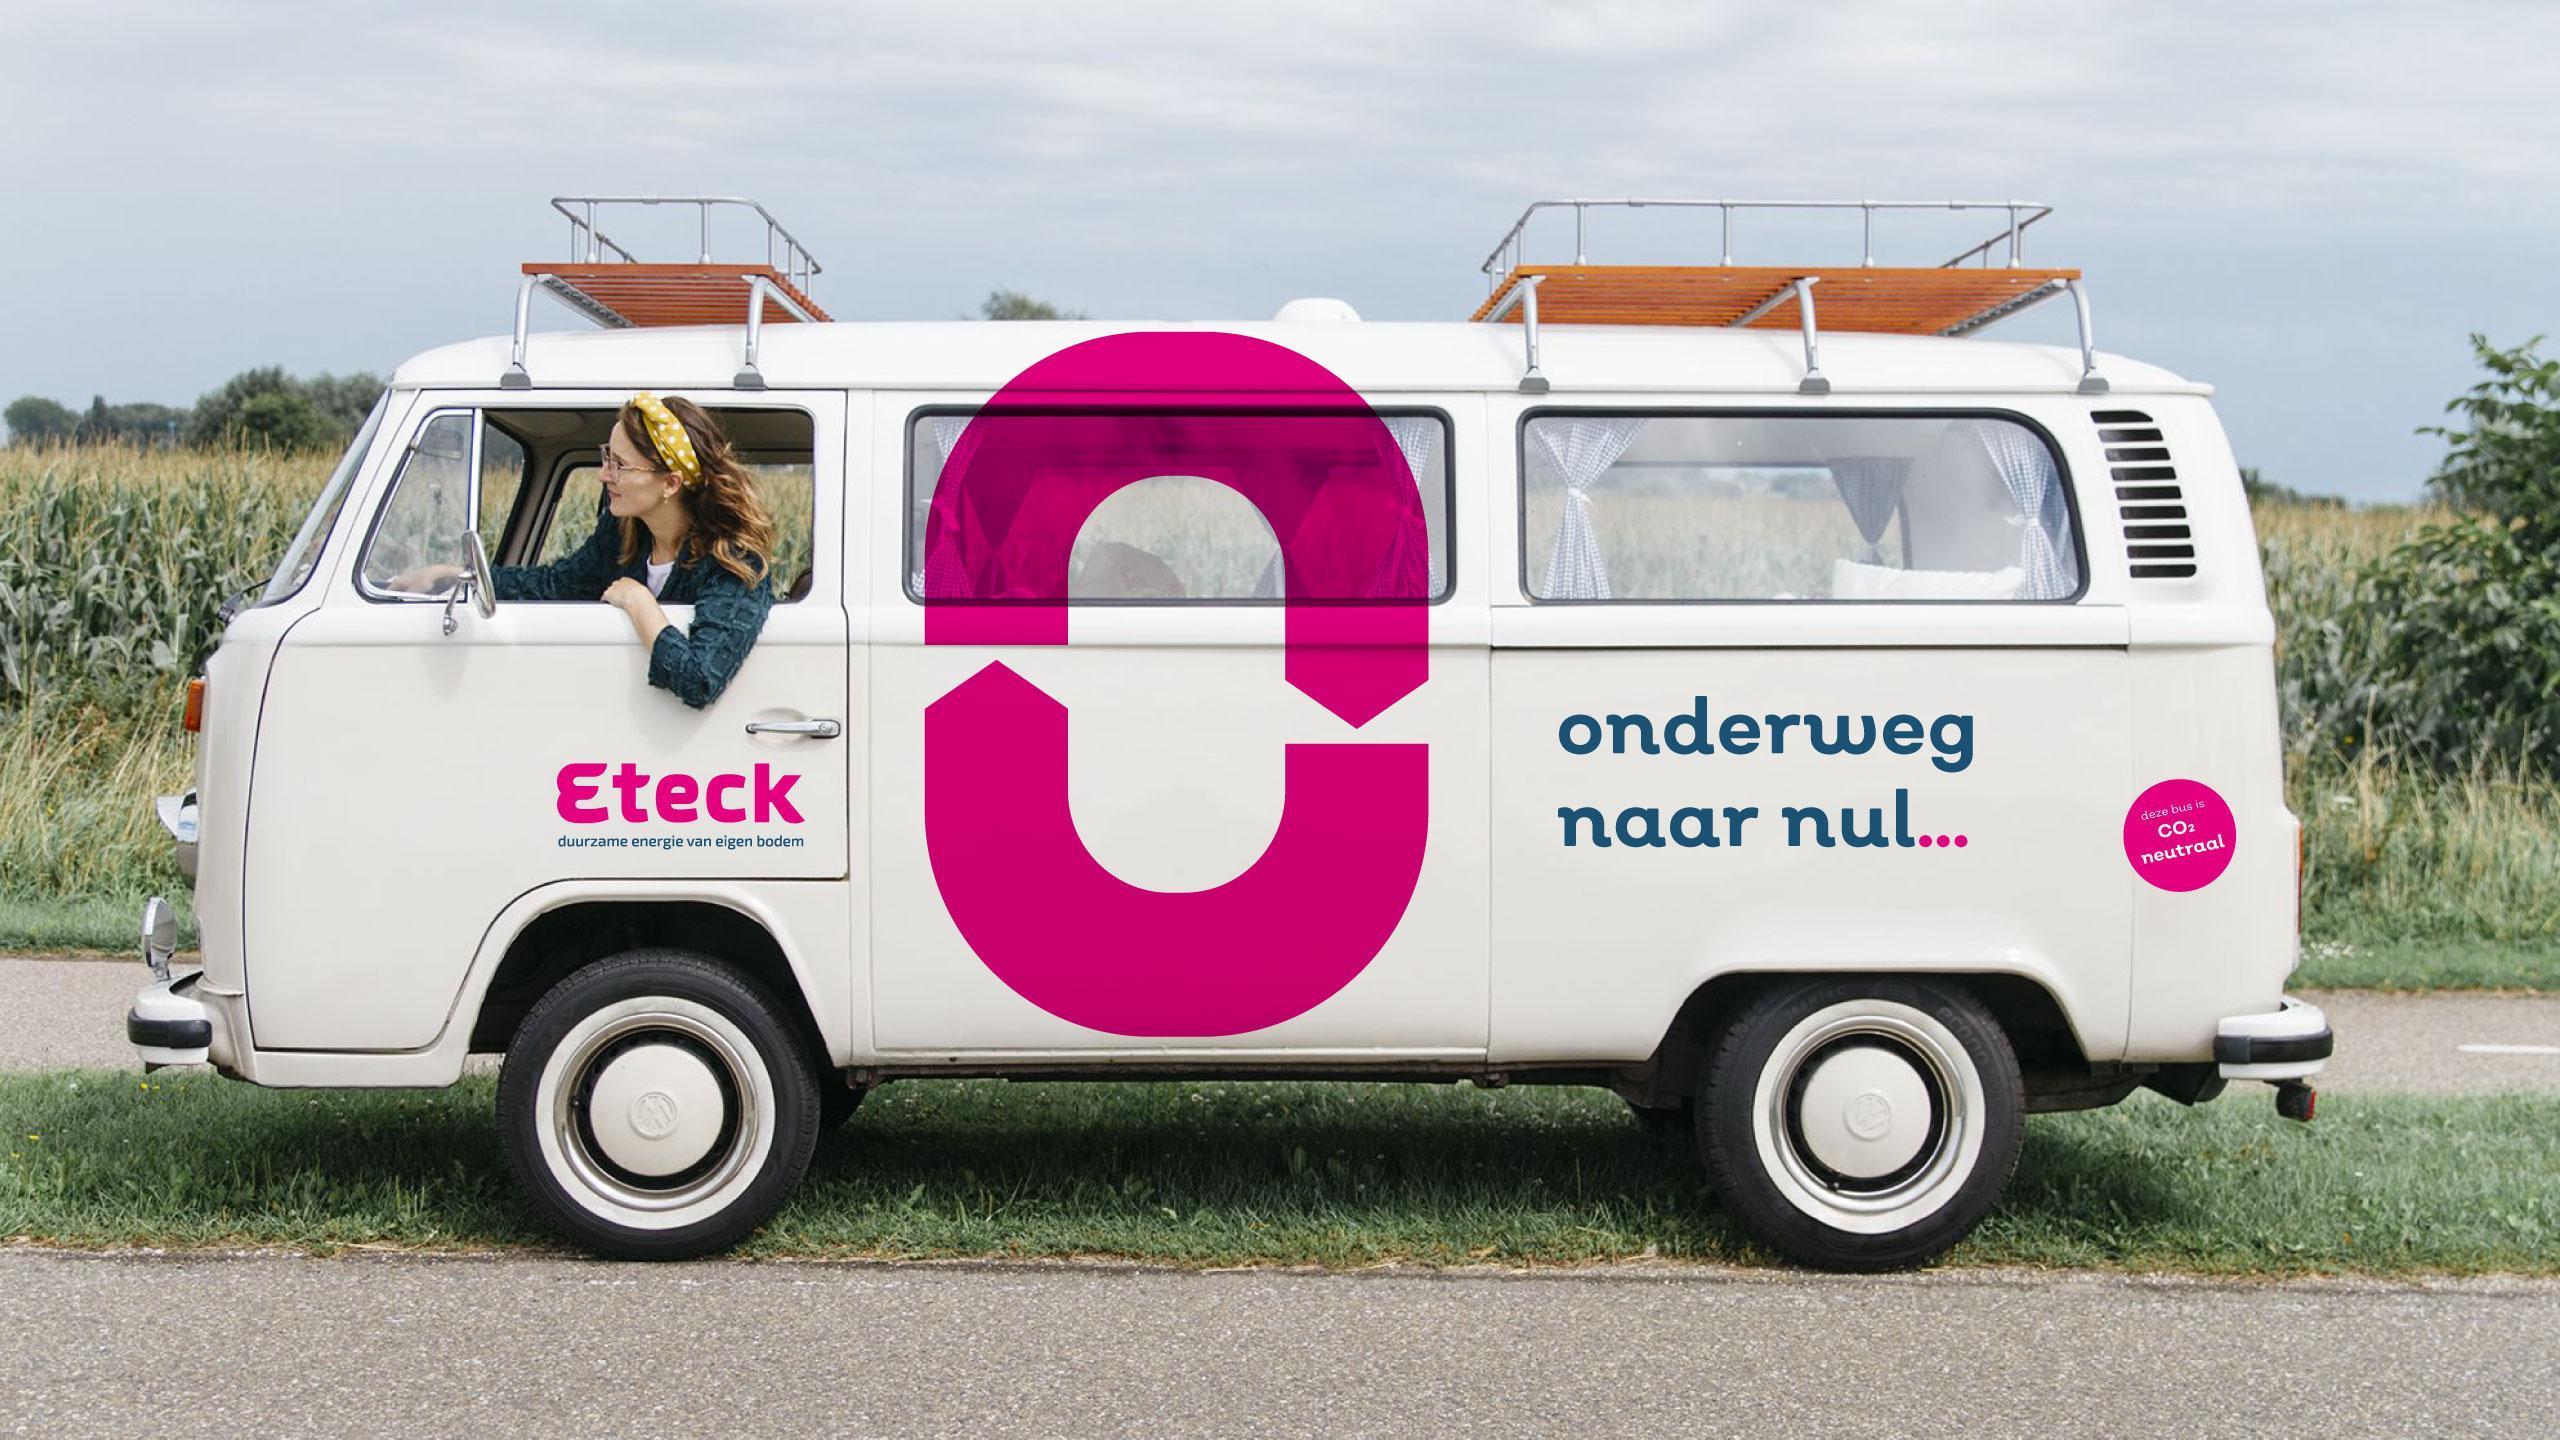 Campagne beeld, Eteck, Studio Duel